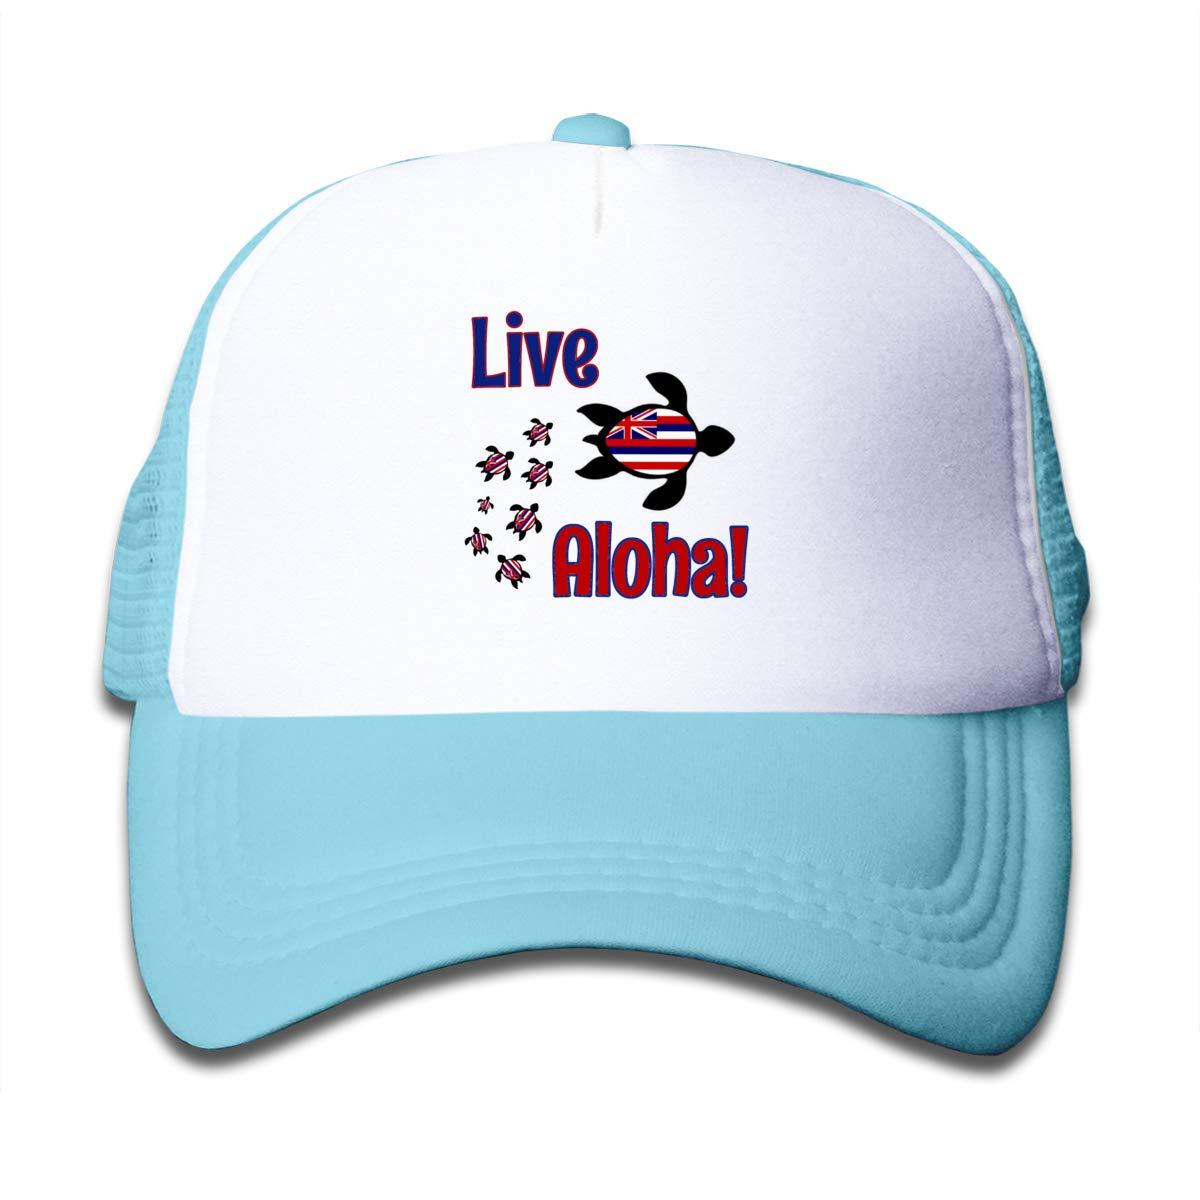 ba0e84cc2 Amazon.com: Live Aloha Sea Turtle Mesh Baseball Cap Boy Adjustable ...